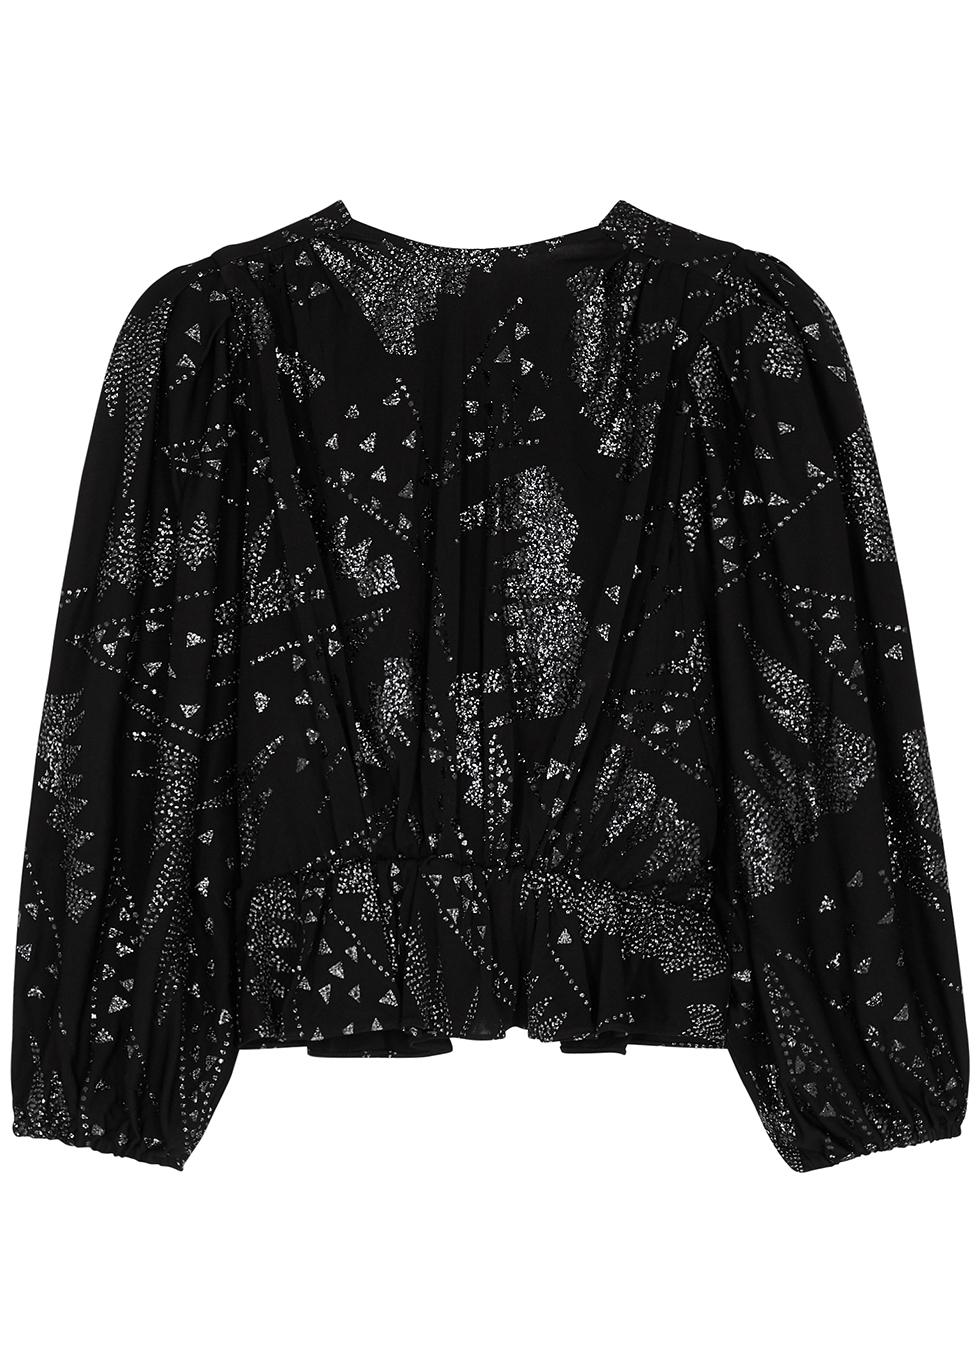 Vyama black glittered top